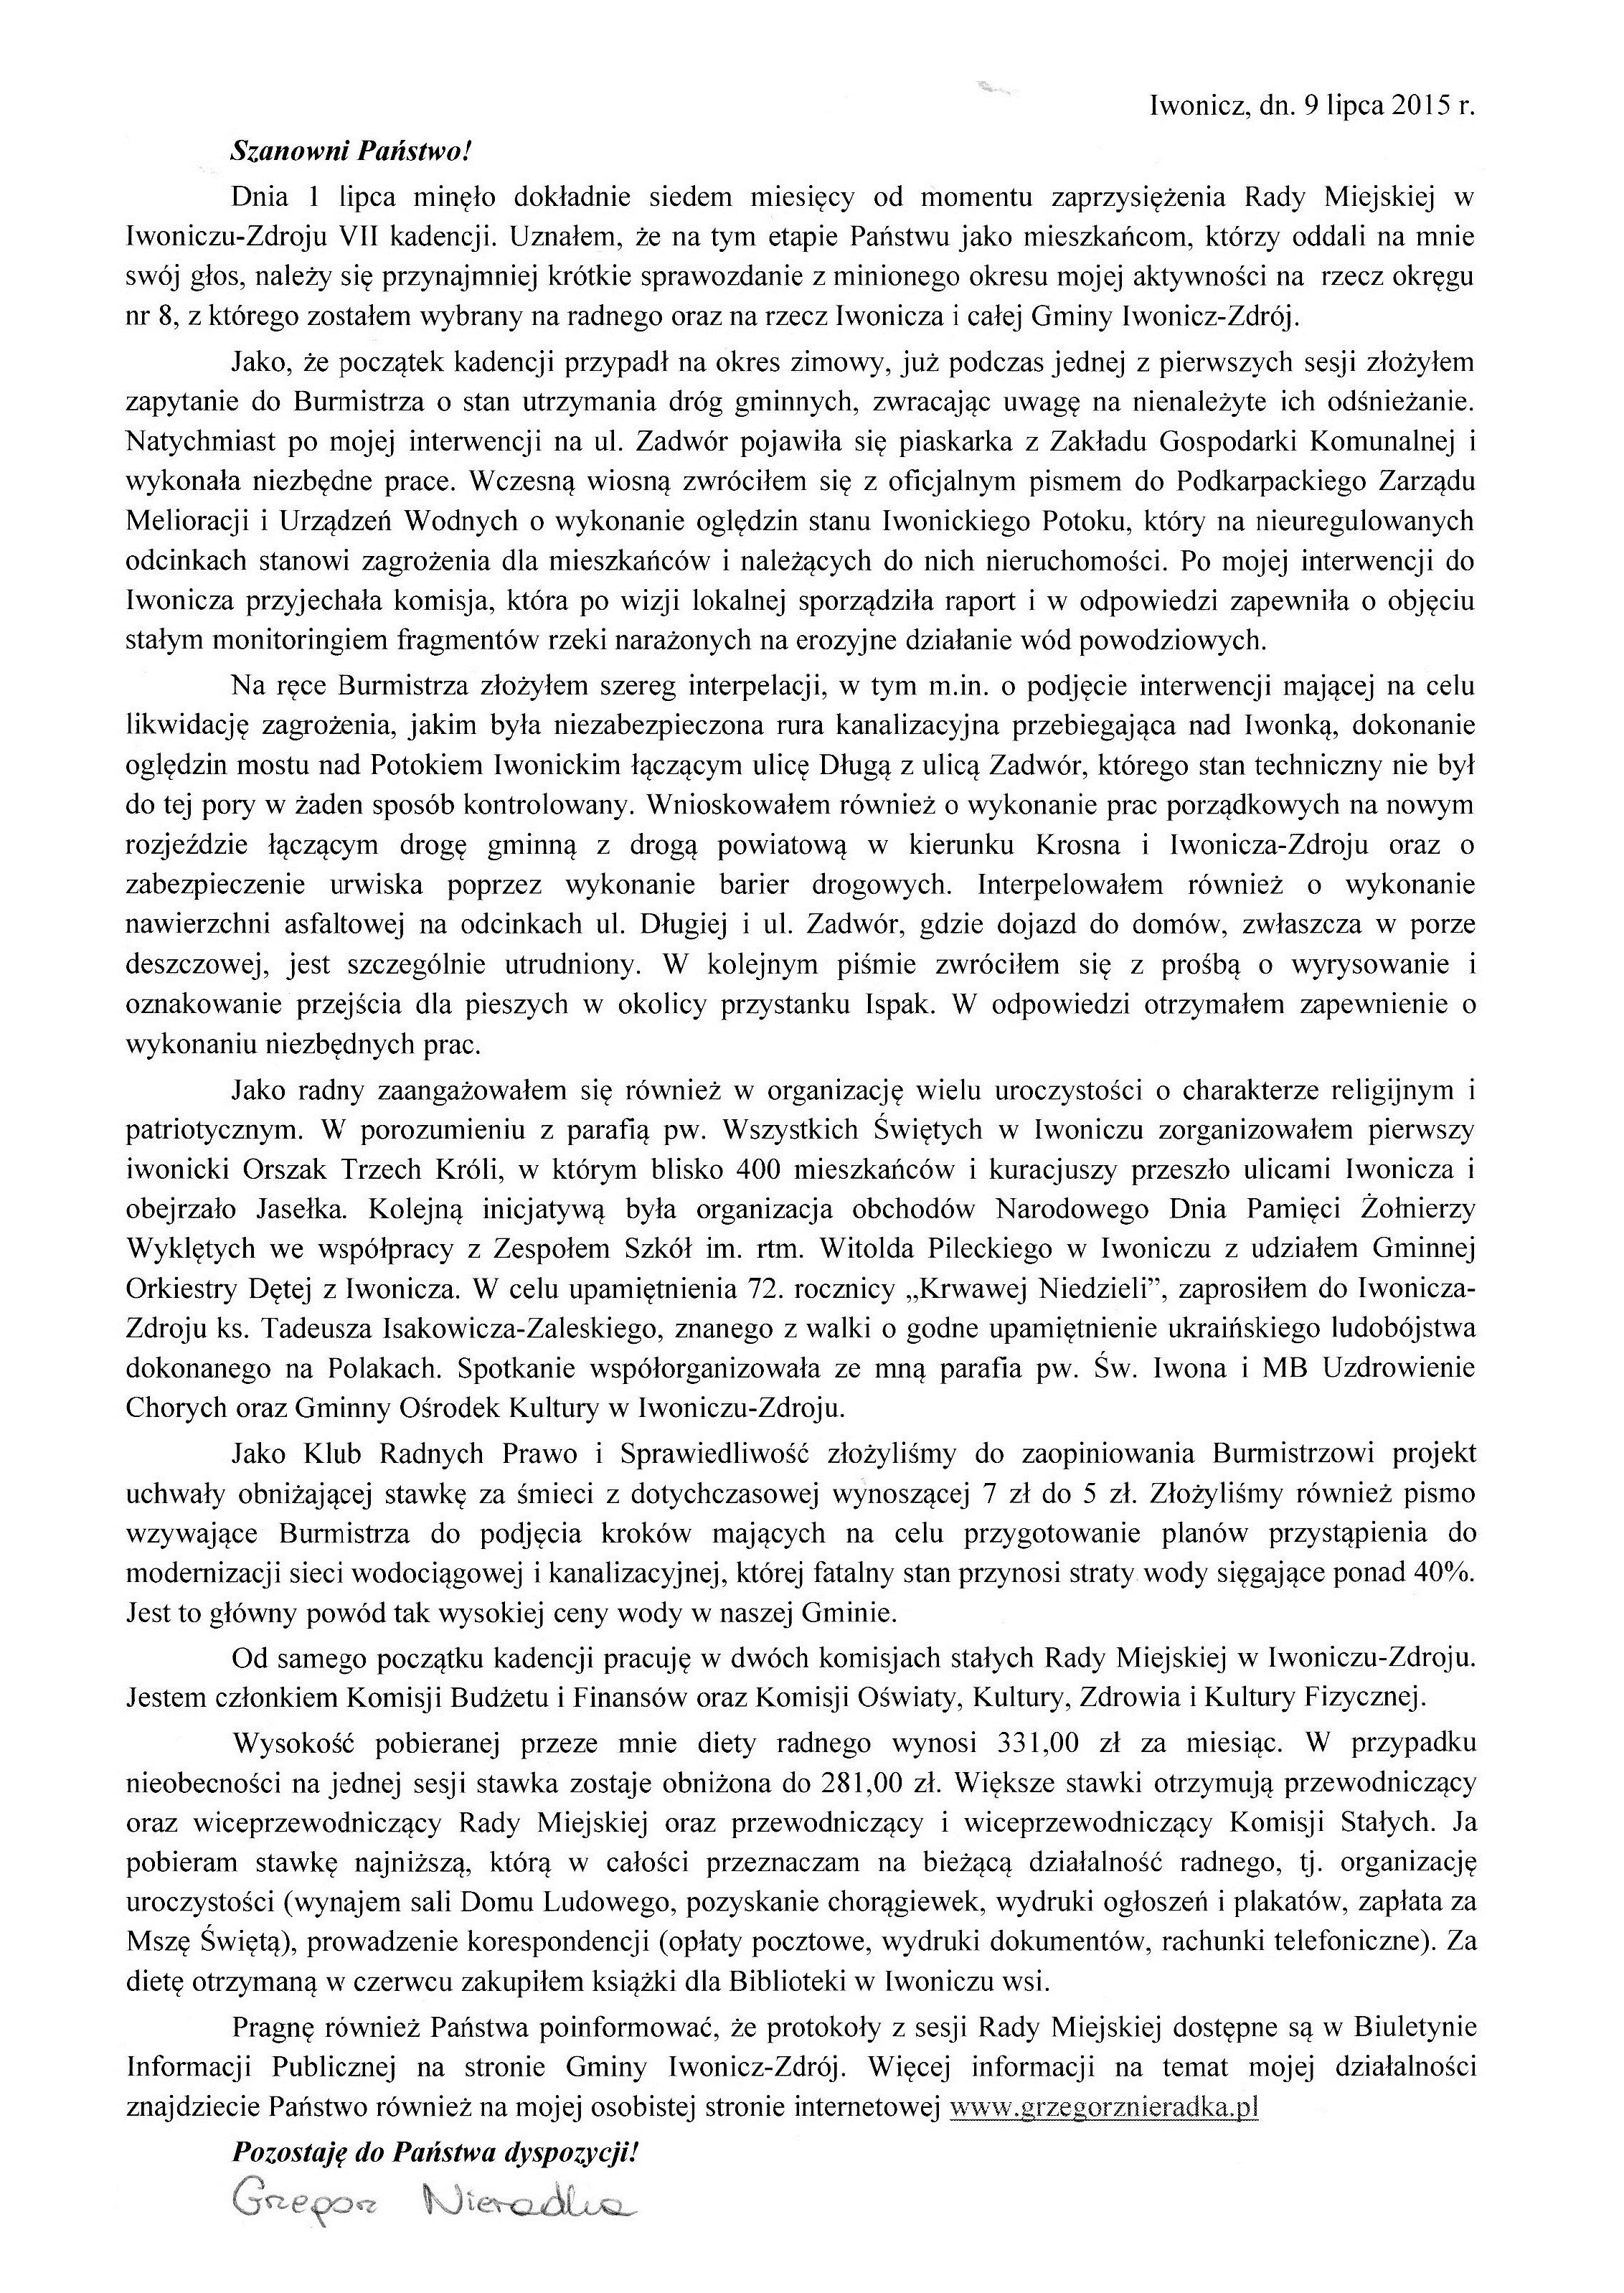 Sprawozdanie 1